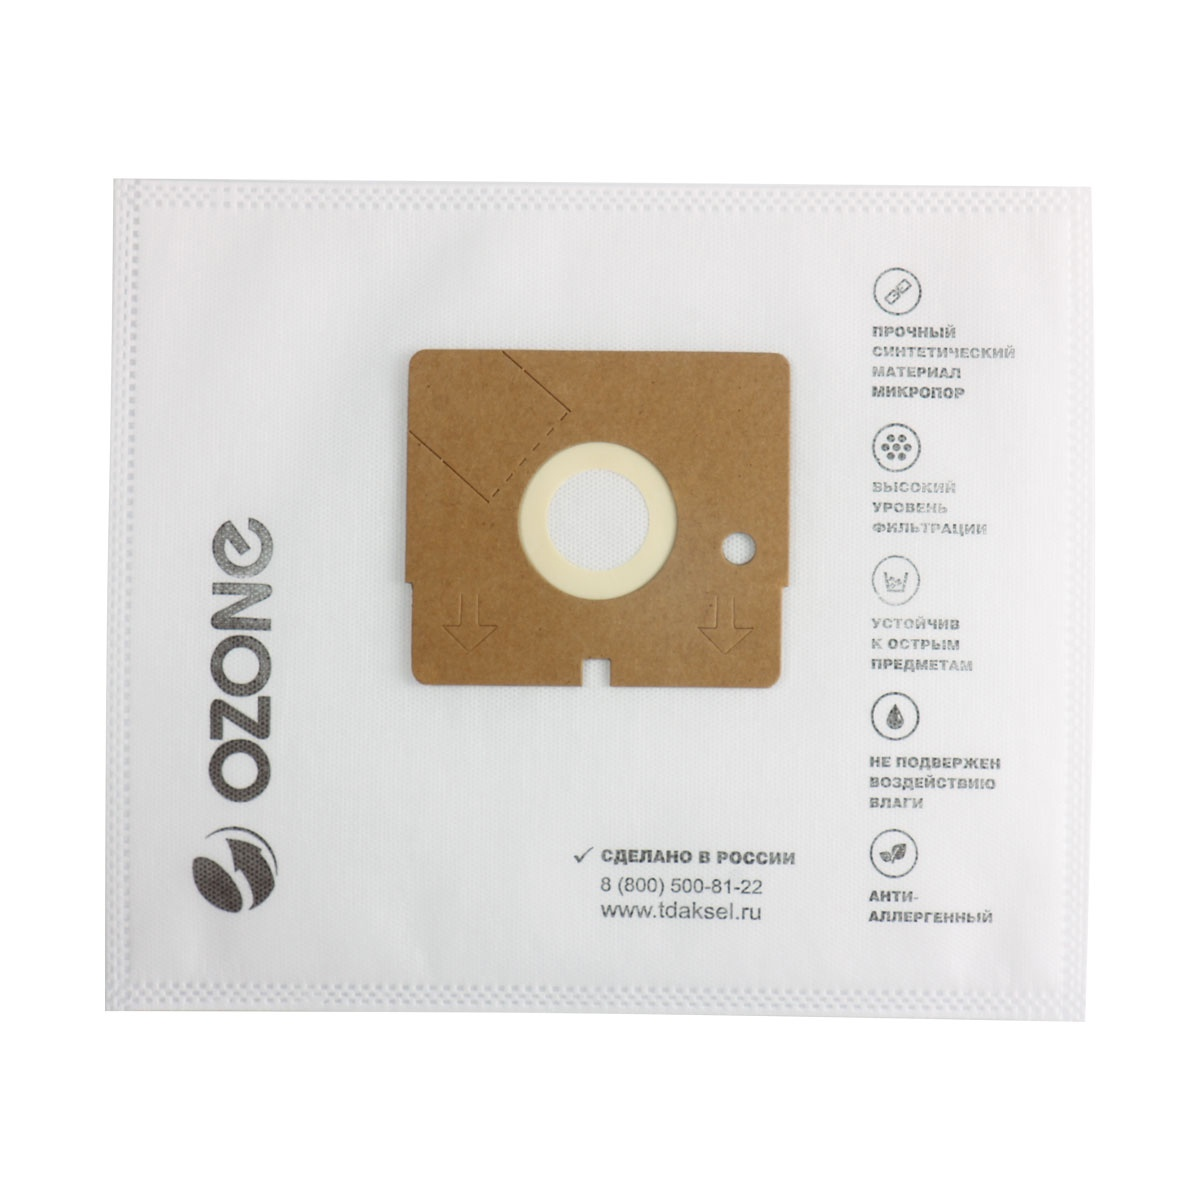 Пылесборник OZONE SE-08 цена